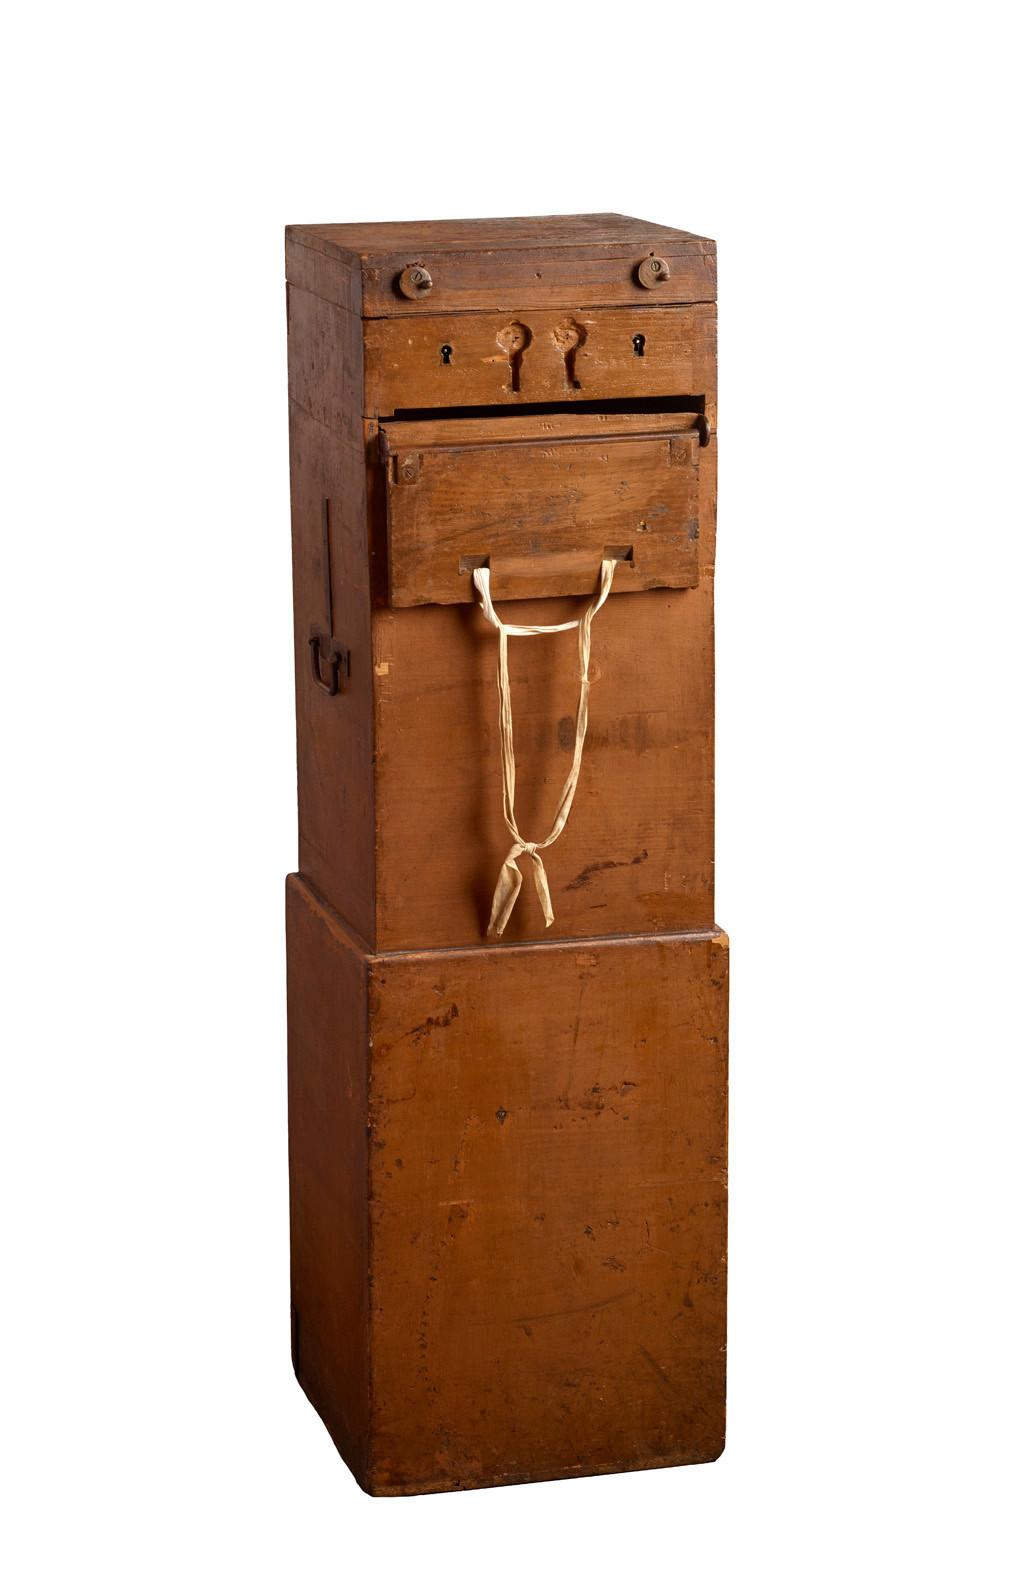 Urne électorale, vers 1930, collection Lëtzebuerg City Museum. (Photo: Lëtzebuerg City Museum)